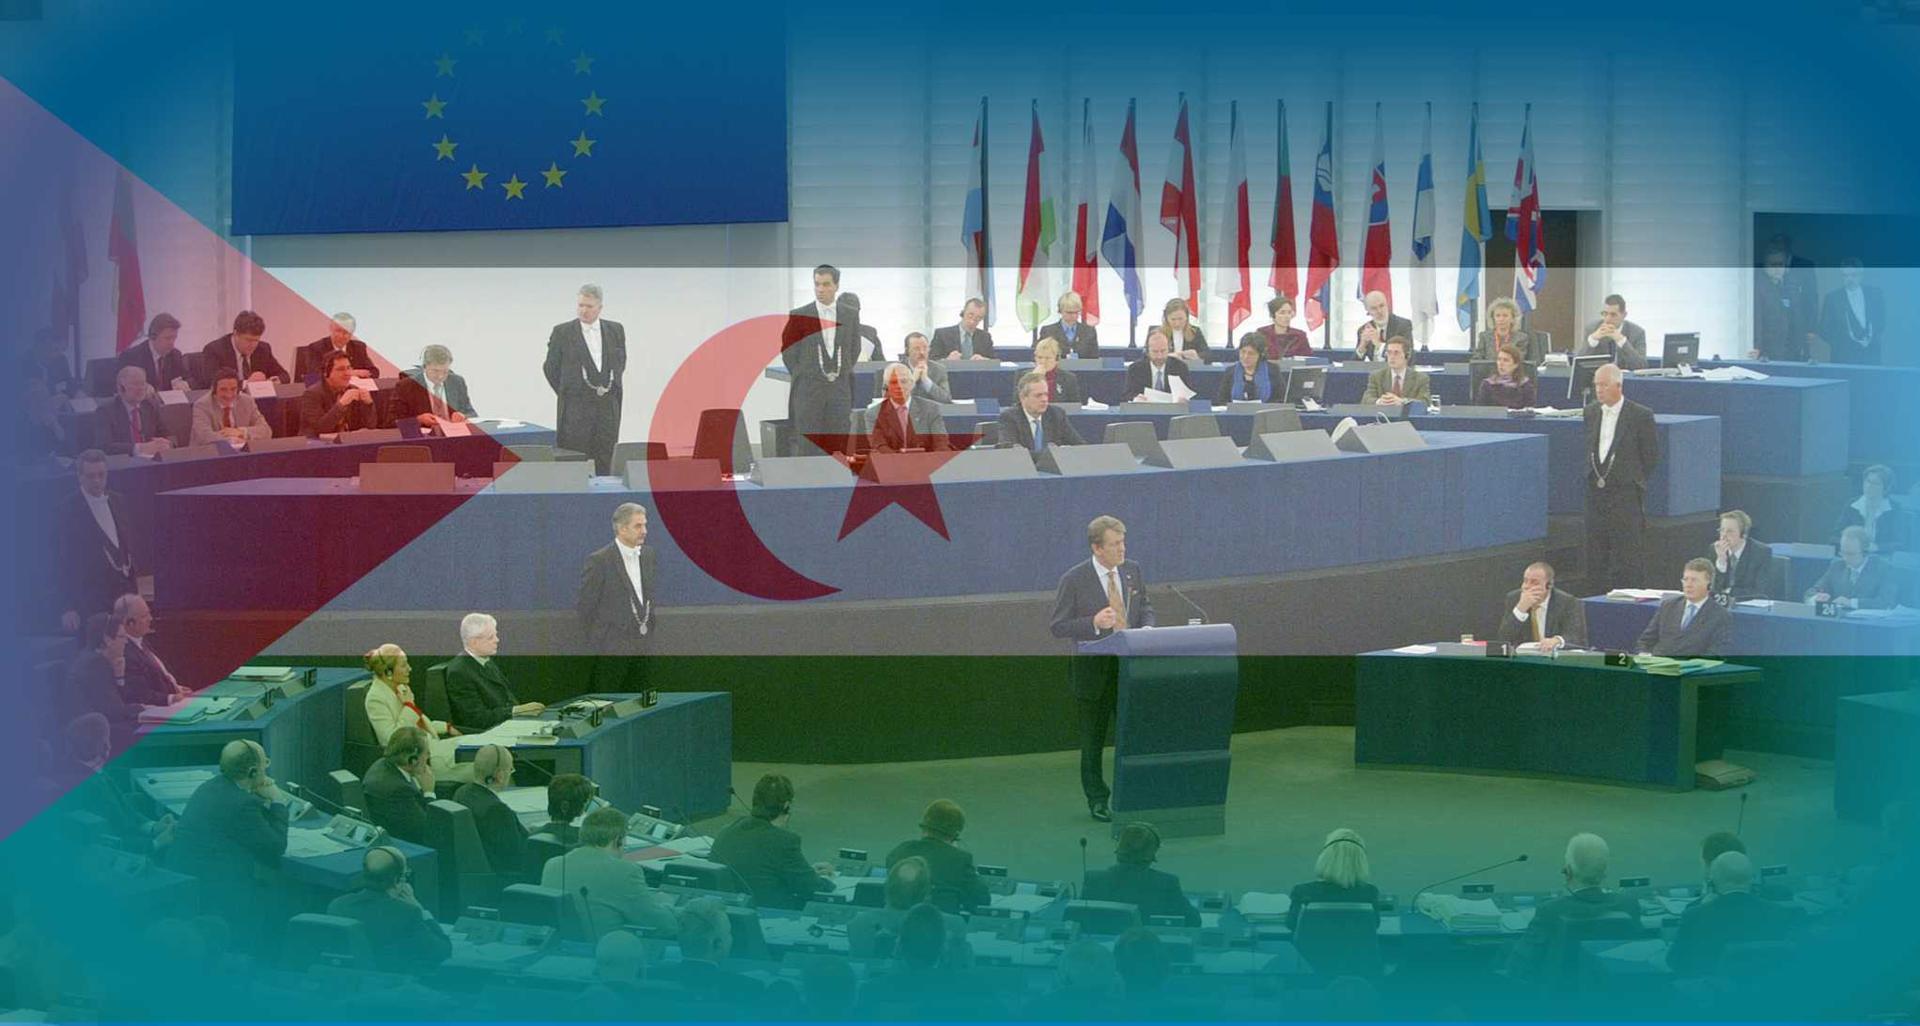 نواب أوروبيون يسلطون الضوء على استمرار تواطؤ الإتحاد الأوروبي مع الإحتلال المغربي في نهب موارد الصحراء الغربية